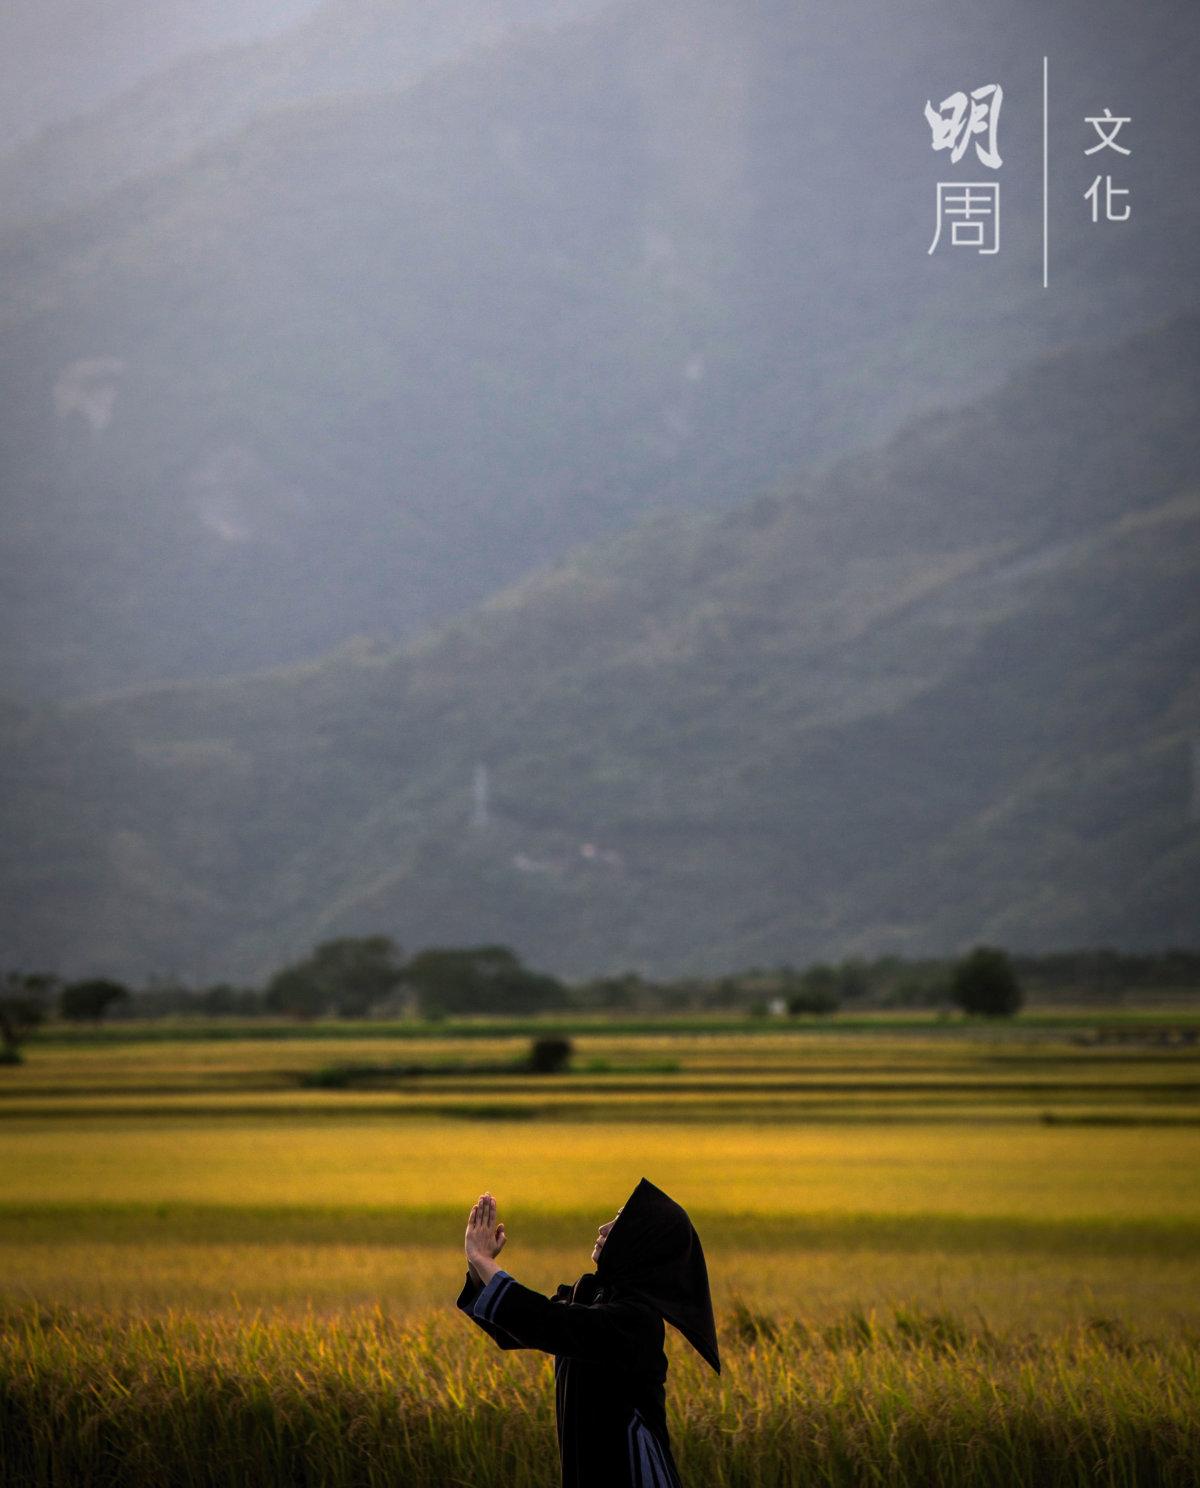 稻浪翻飛,藝術在農民熟悉的場景中呈現,藝術令城鄉沒有隔閡。